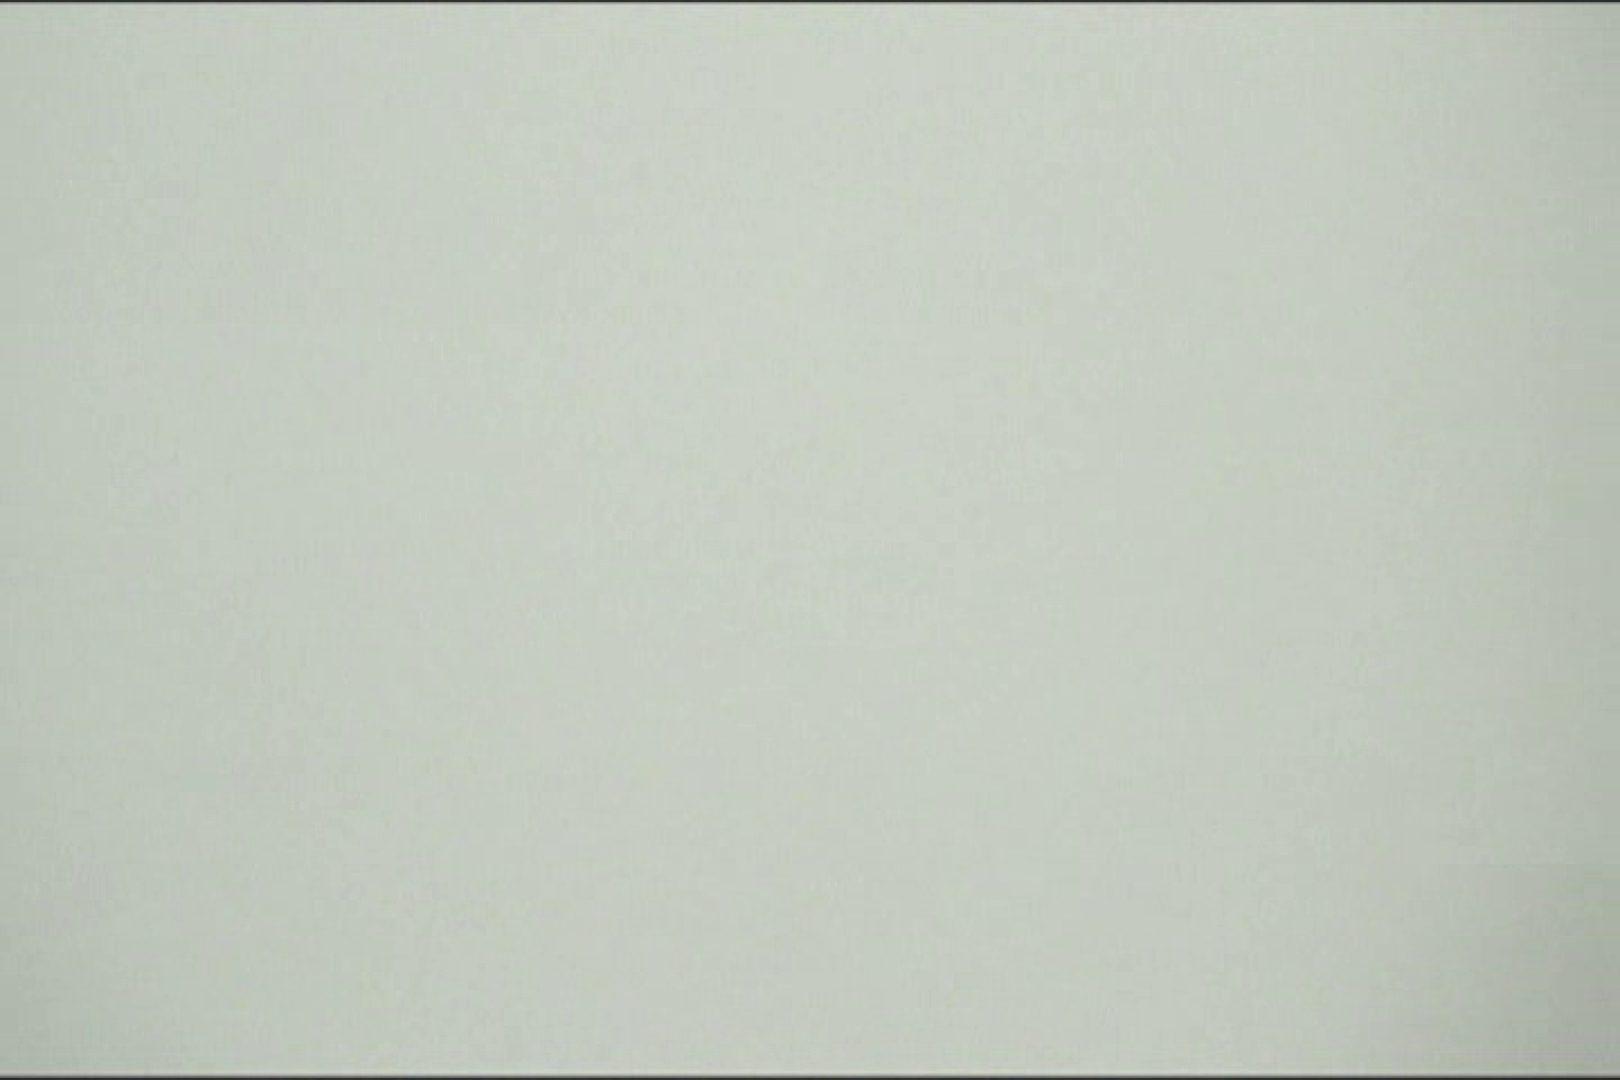 マンコ丸見え女子洗面所Vol.12 0  74連発 44